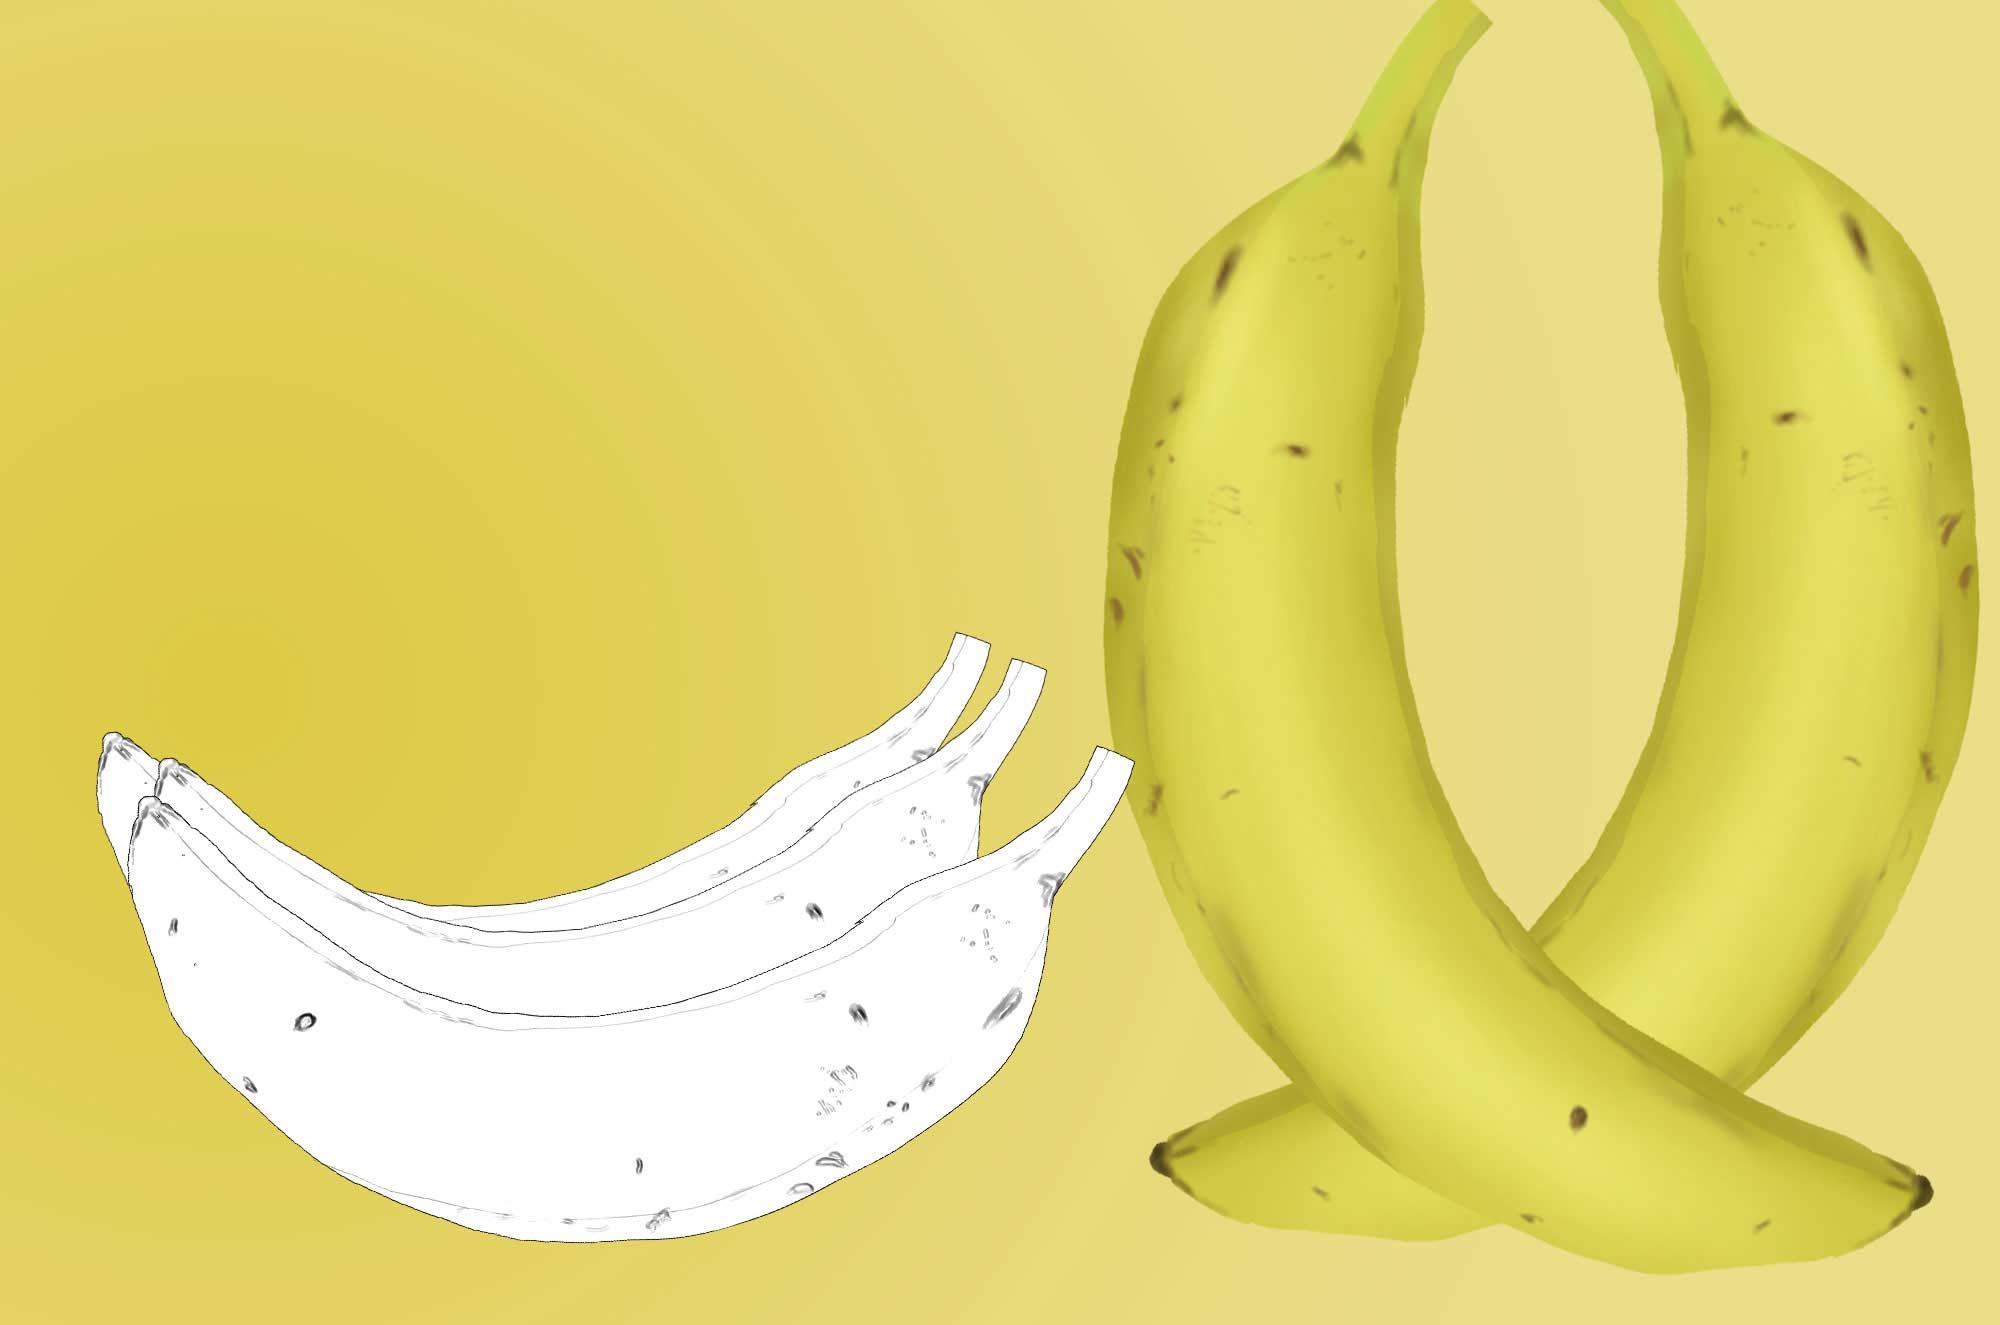 【バナナイラスト】無料で使える!かわいいフリー素材